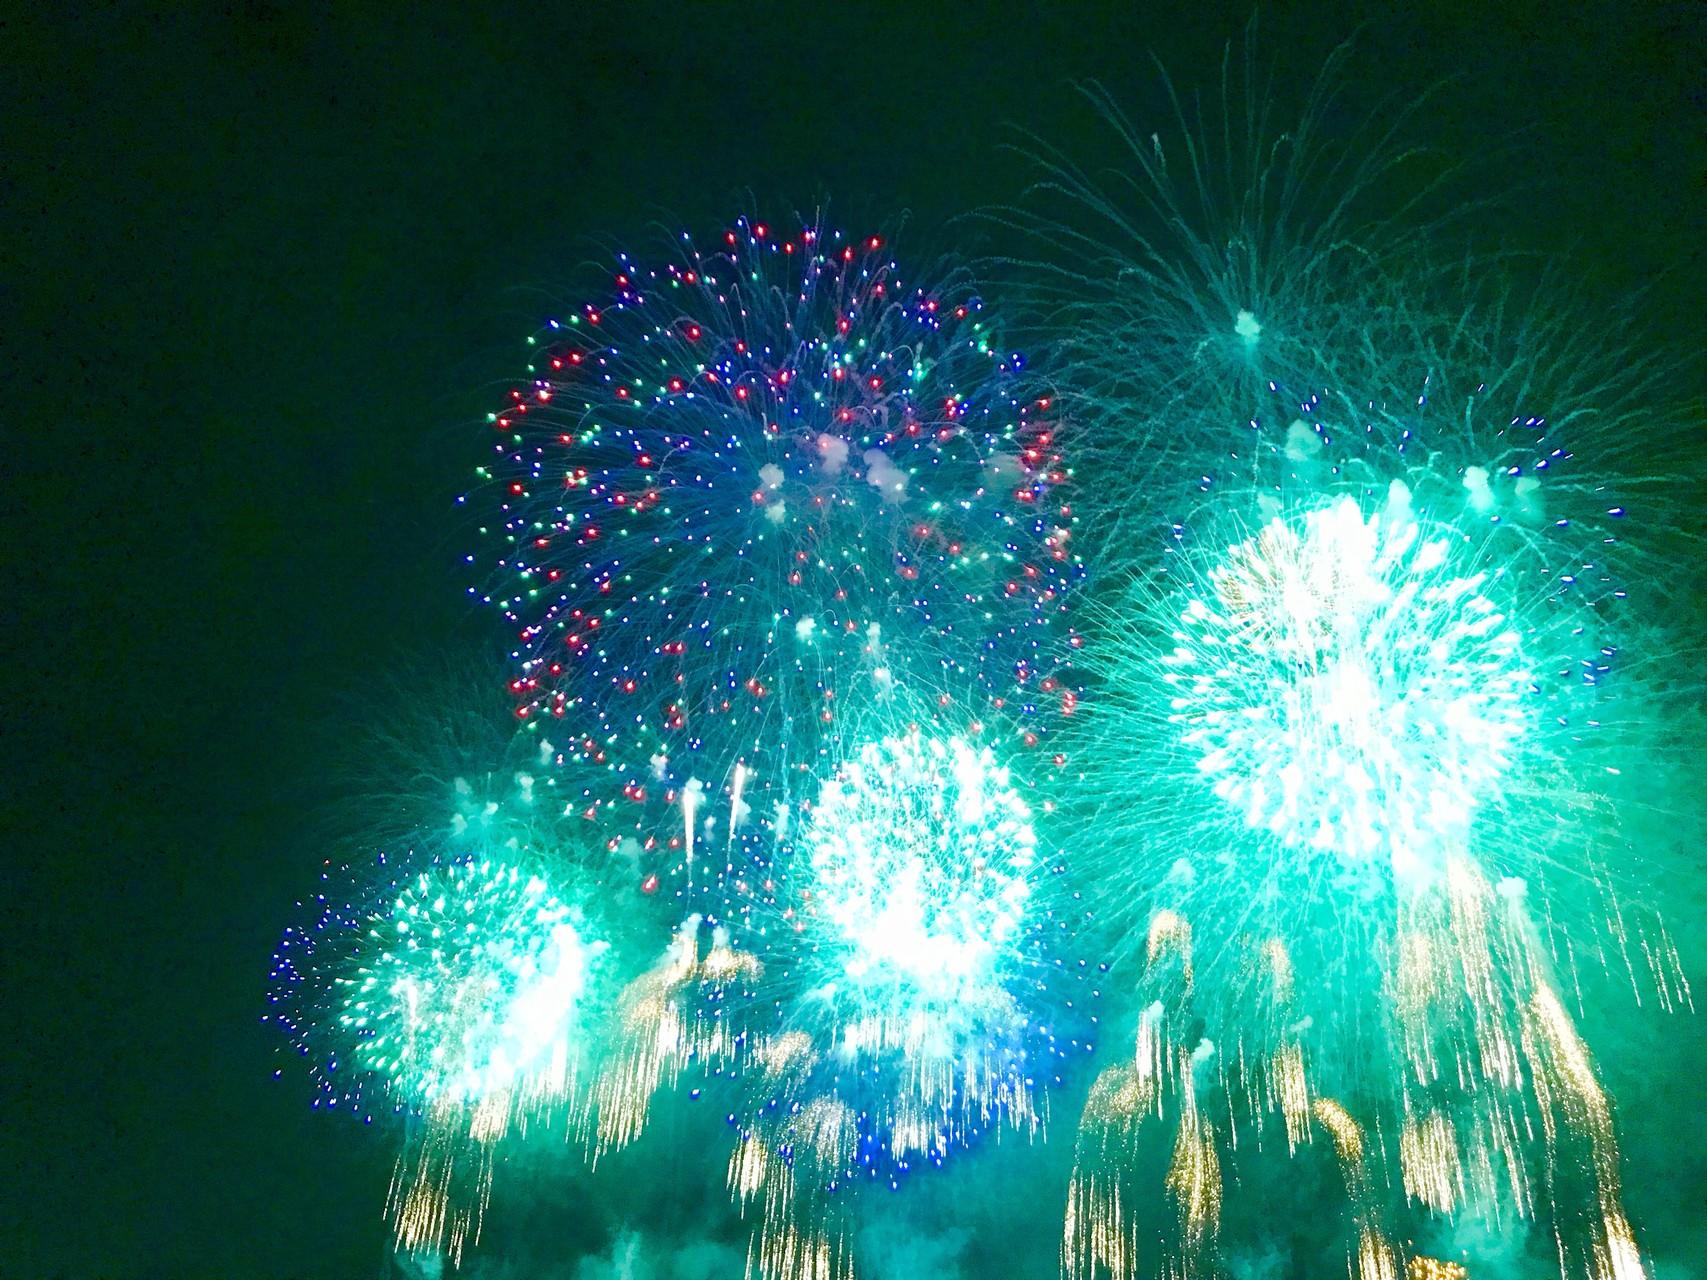 青緑色の土浦の花火